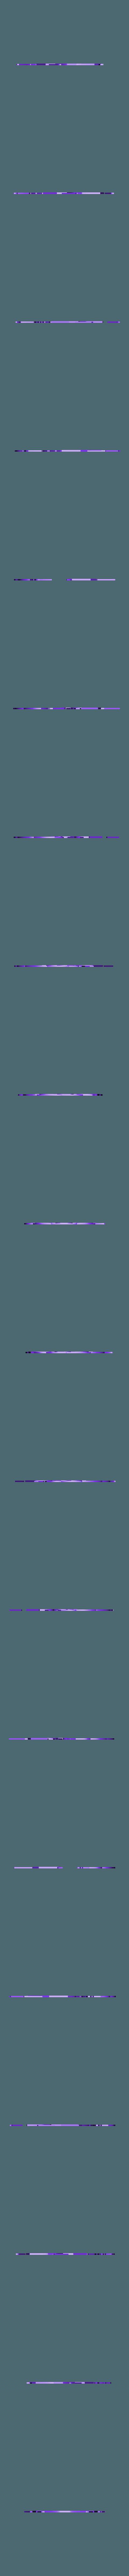 GOLDEN.stl Télécharger fichier STL gratuit Insigne du Seigneur des Étoiles • Modèle pour impression 3D, 3Dimpact